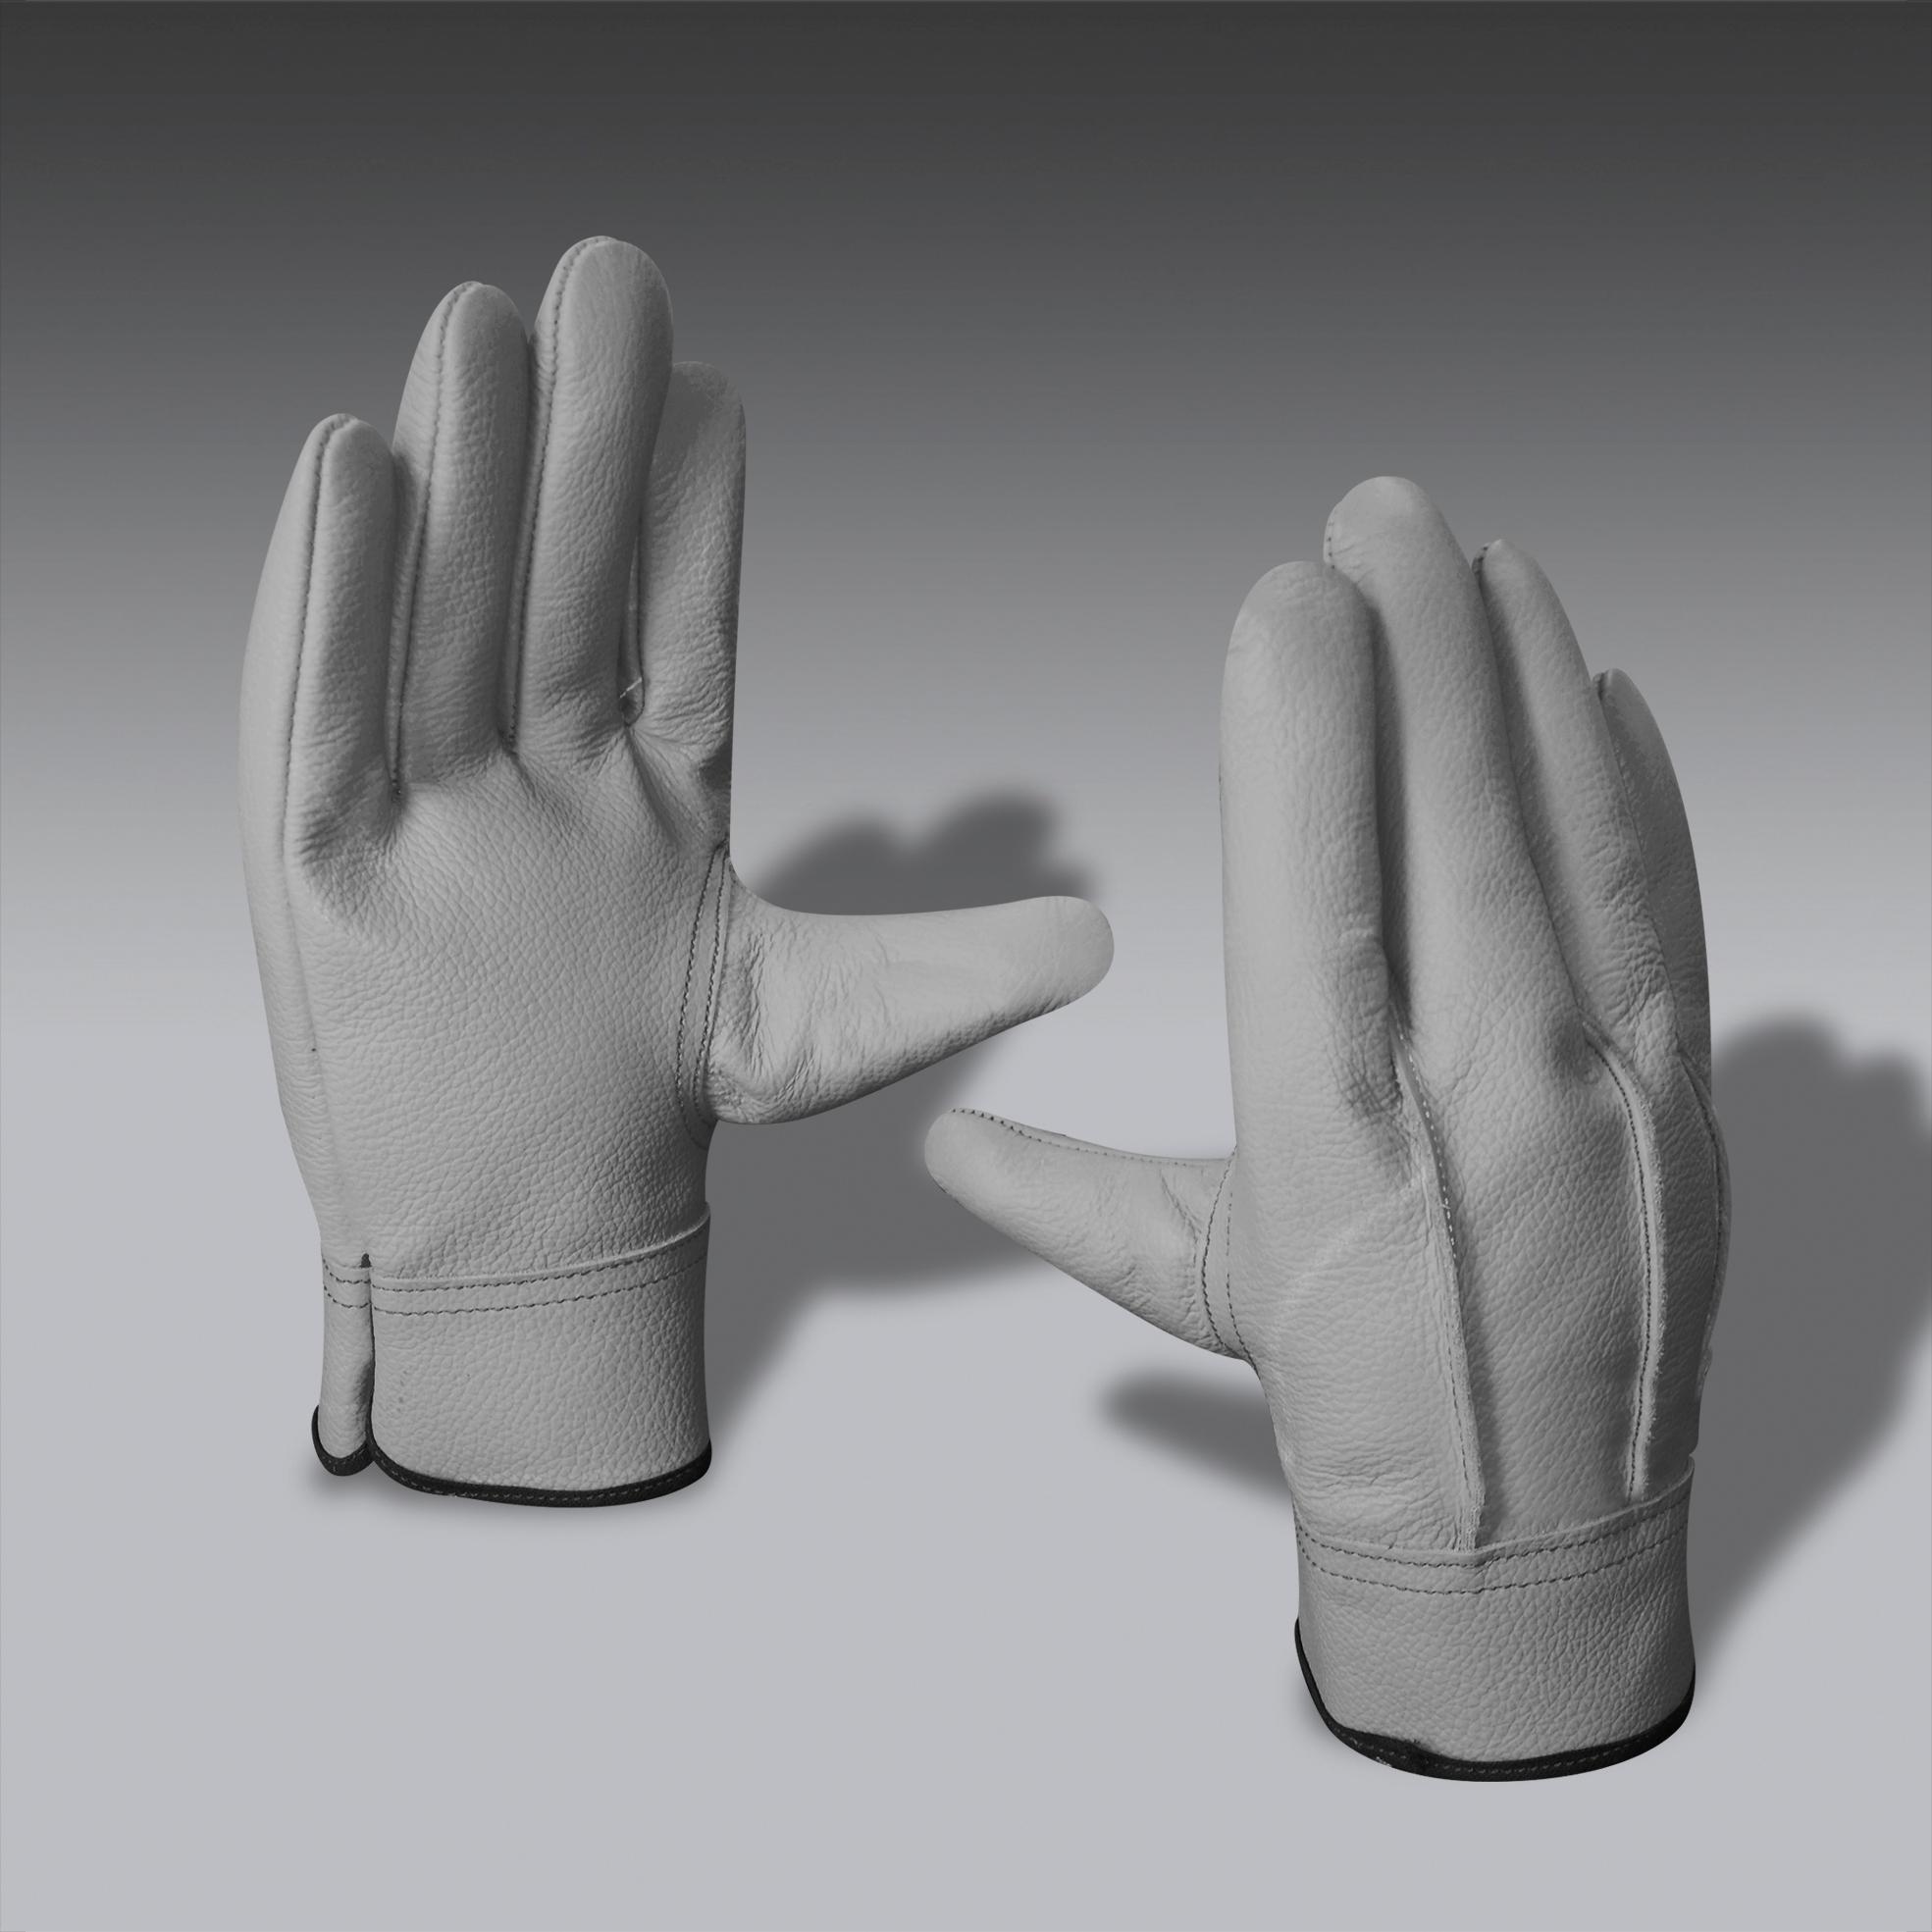 guantes para la seguridad industrial modelo ElecEco 03 guantes de seguridad industrial modelo ElecEco 03